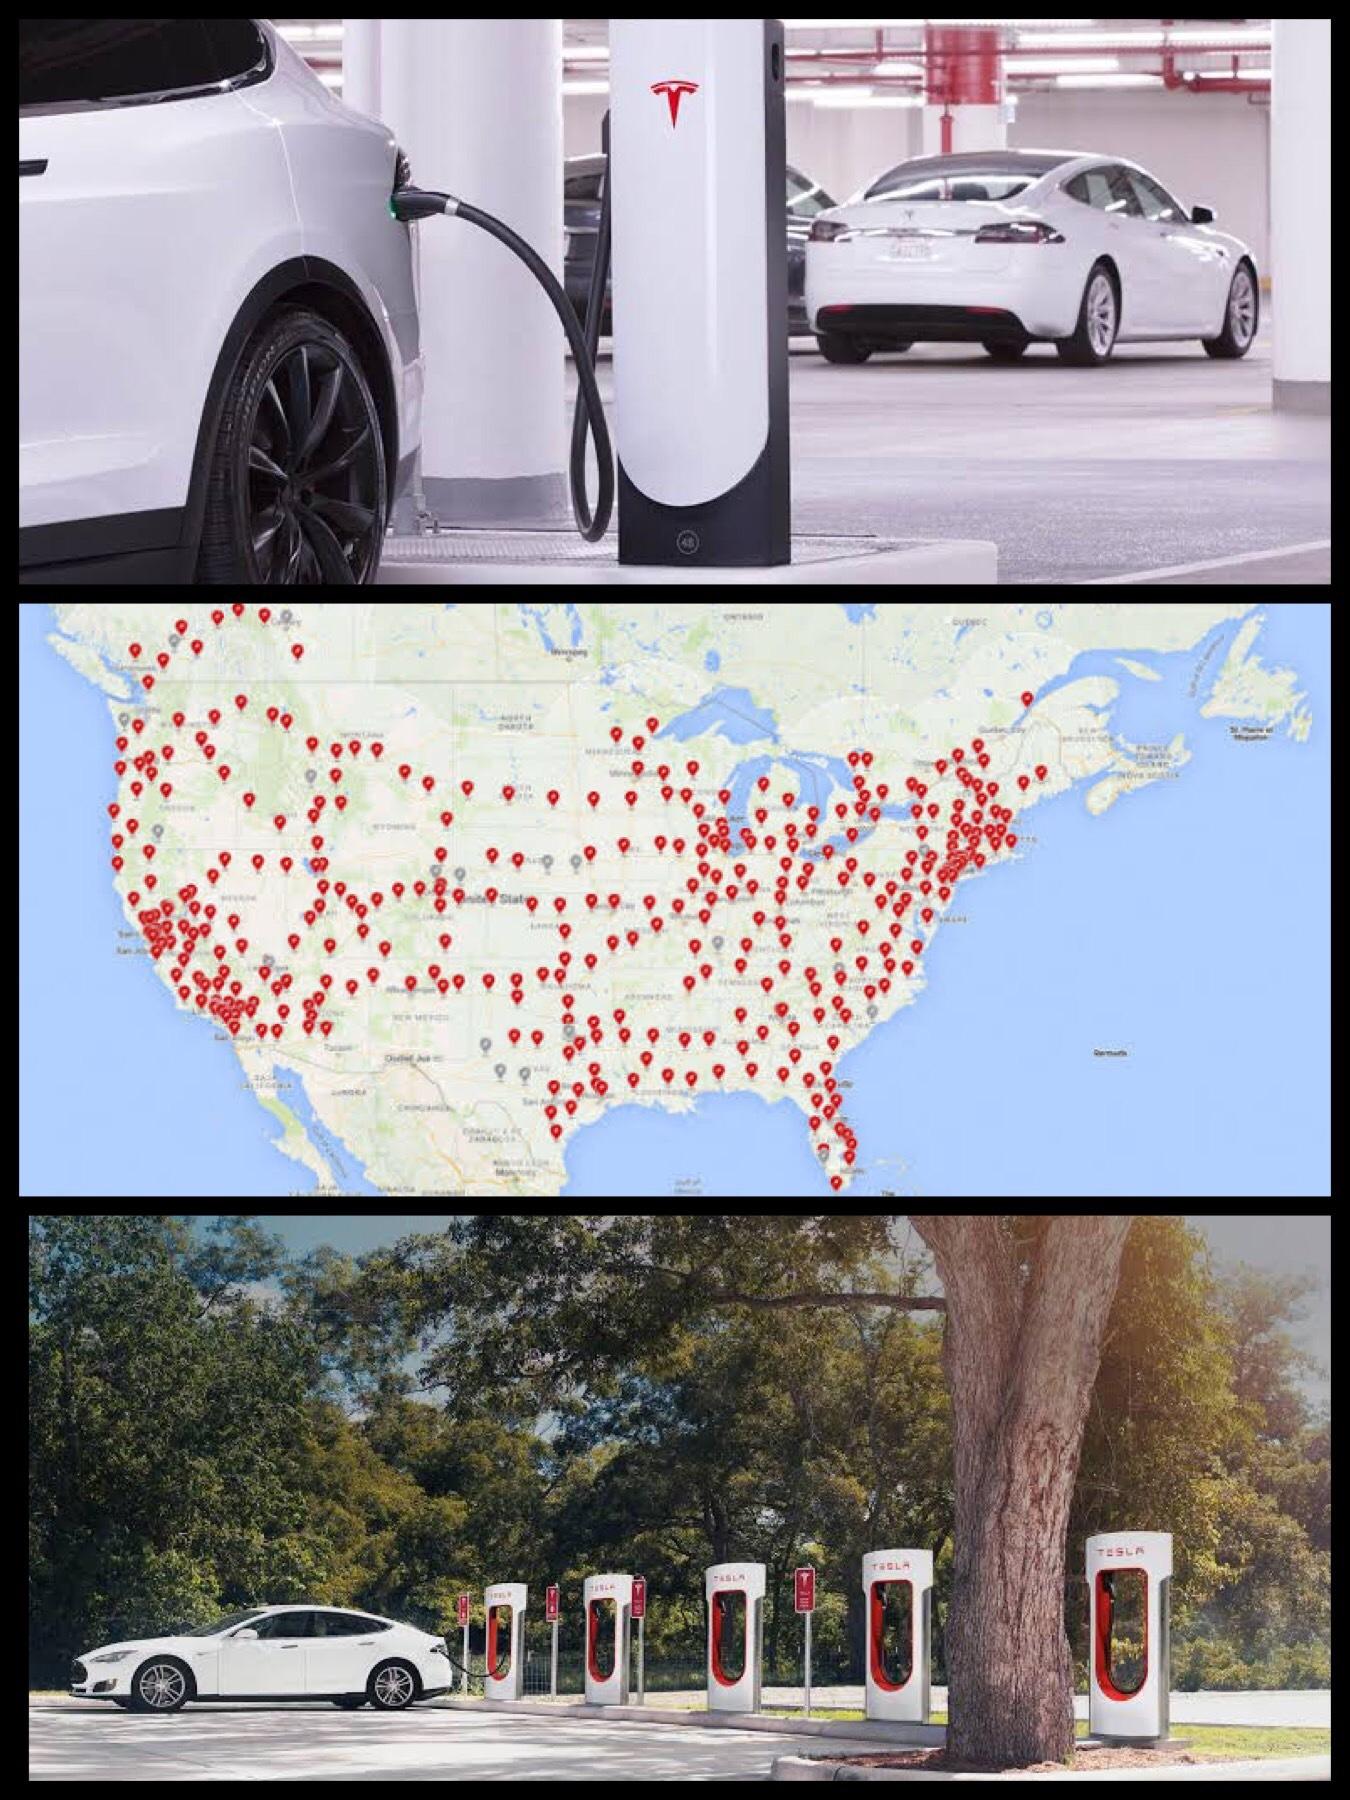 テスラ V3 スーパーチャージャー急速充電システム supercharger level3 USA